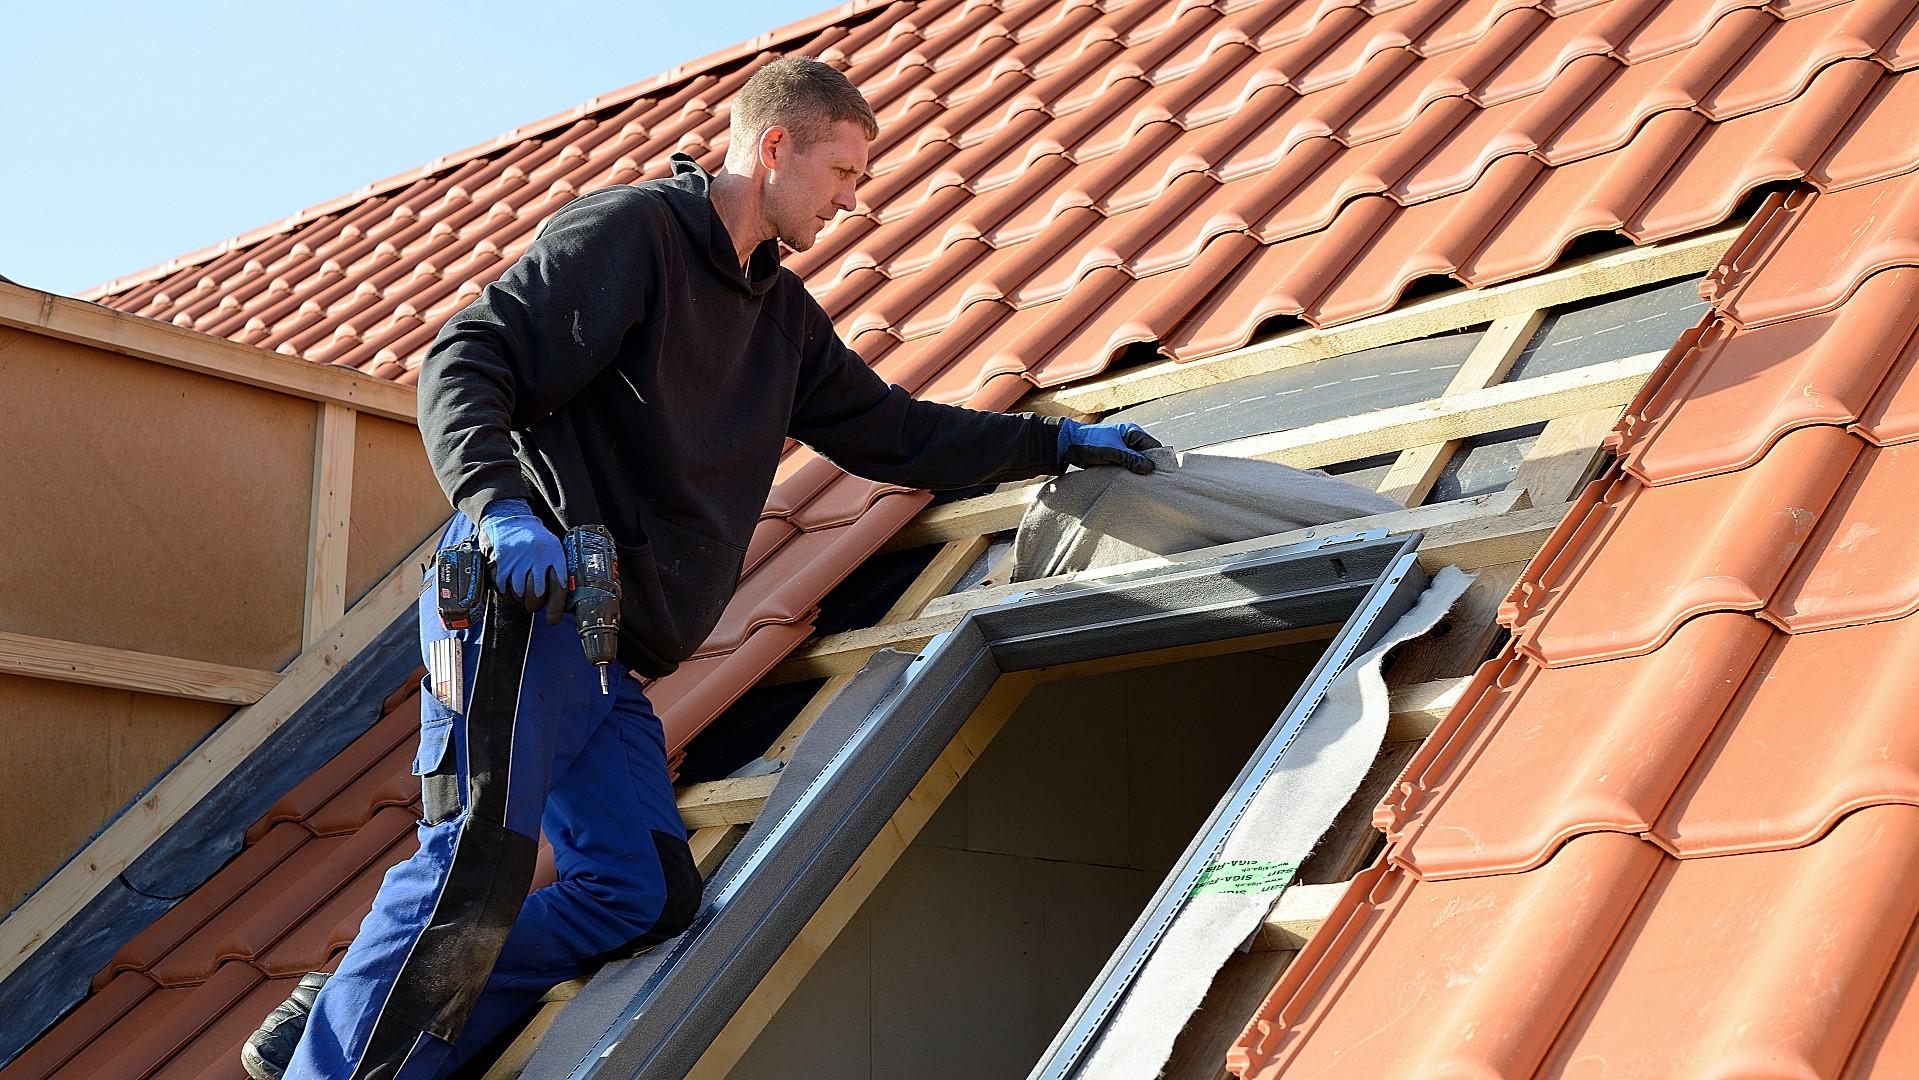 Full Size of Dachfenster Einbauen Dach Bttcher Fenster Kosten Dusche Bodengleiche Nachträglich Rolladen Neue Velux Wohnzimmer Dachfenster Einbauen